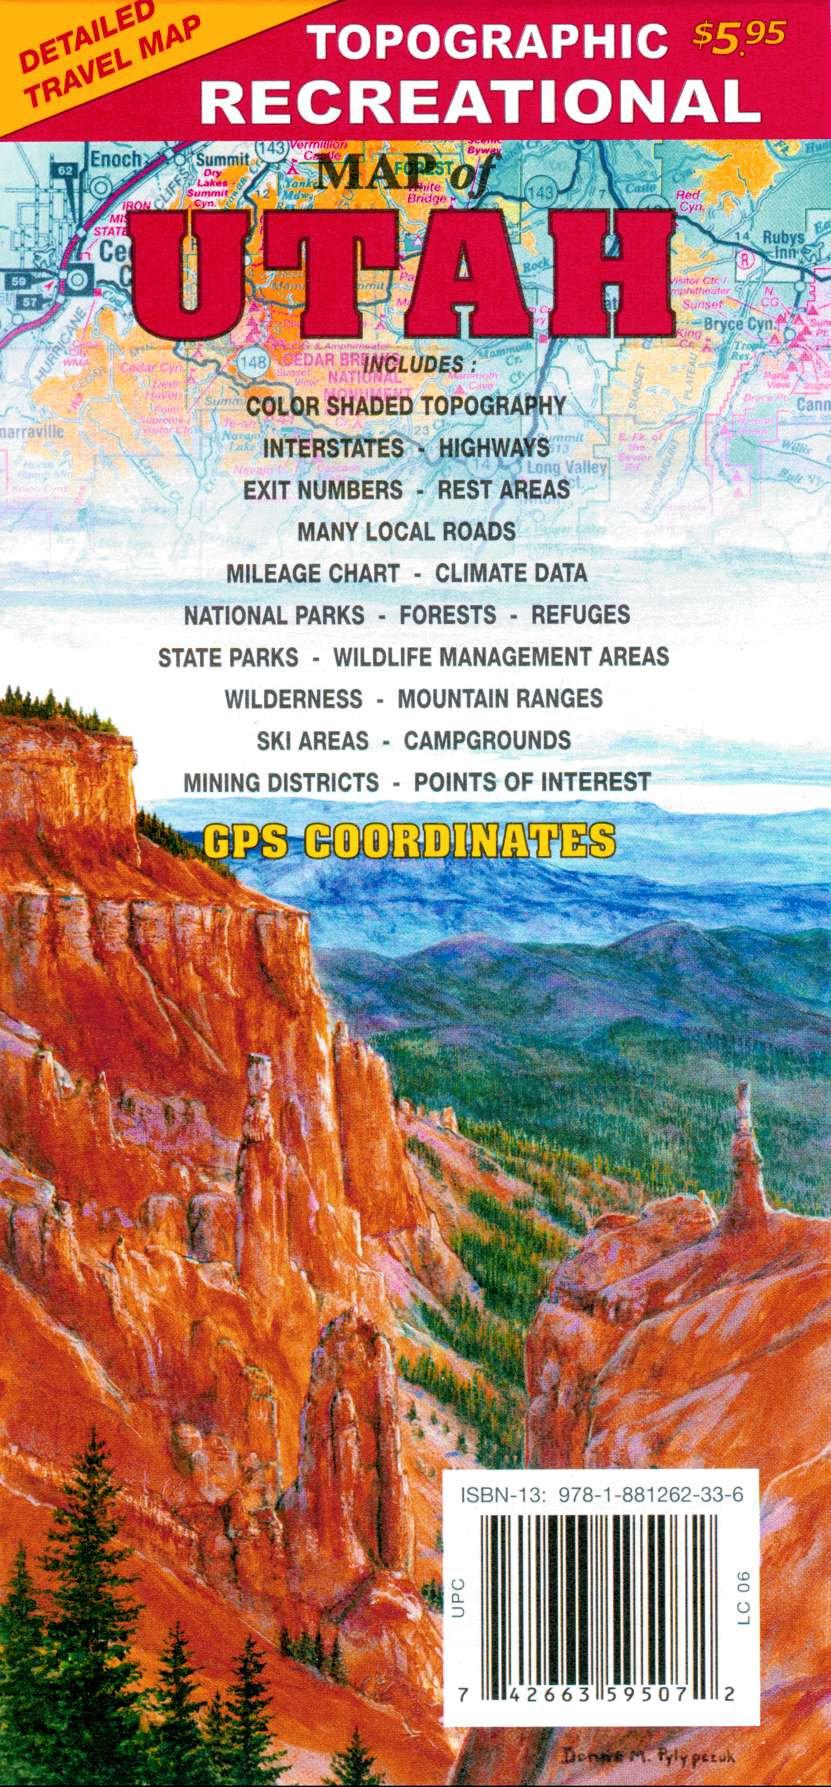 R-7 Utah Topographic Recreational Map